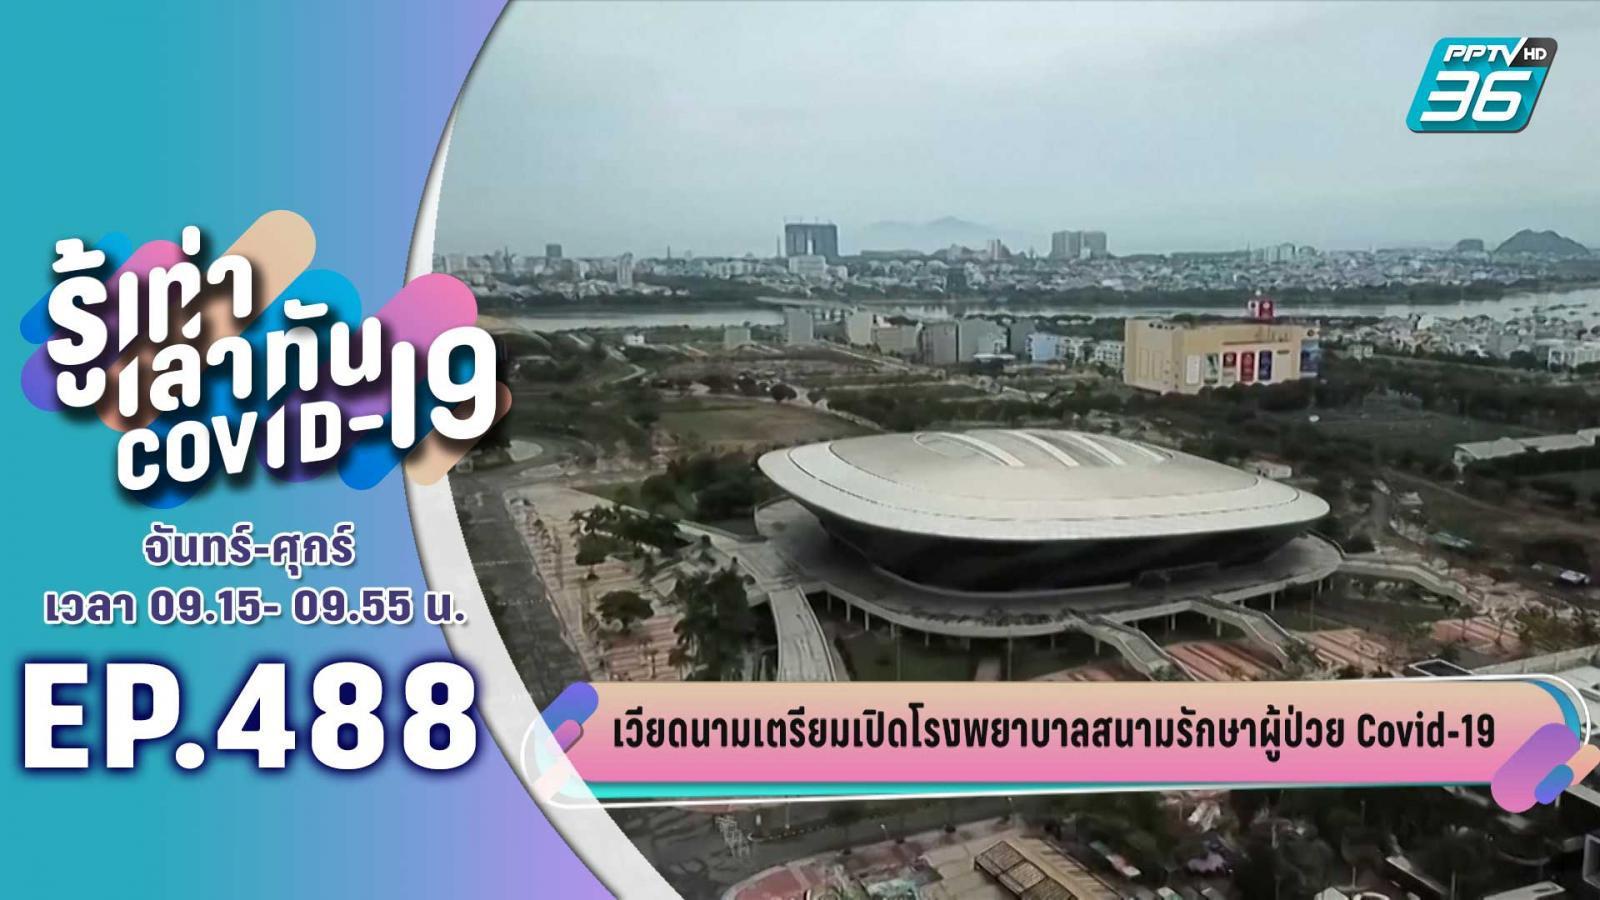 เวียดนามเตรียมเปิดโรงพยาบาลสนามรักษา Covid-19